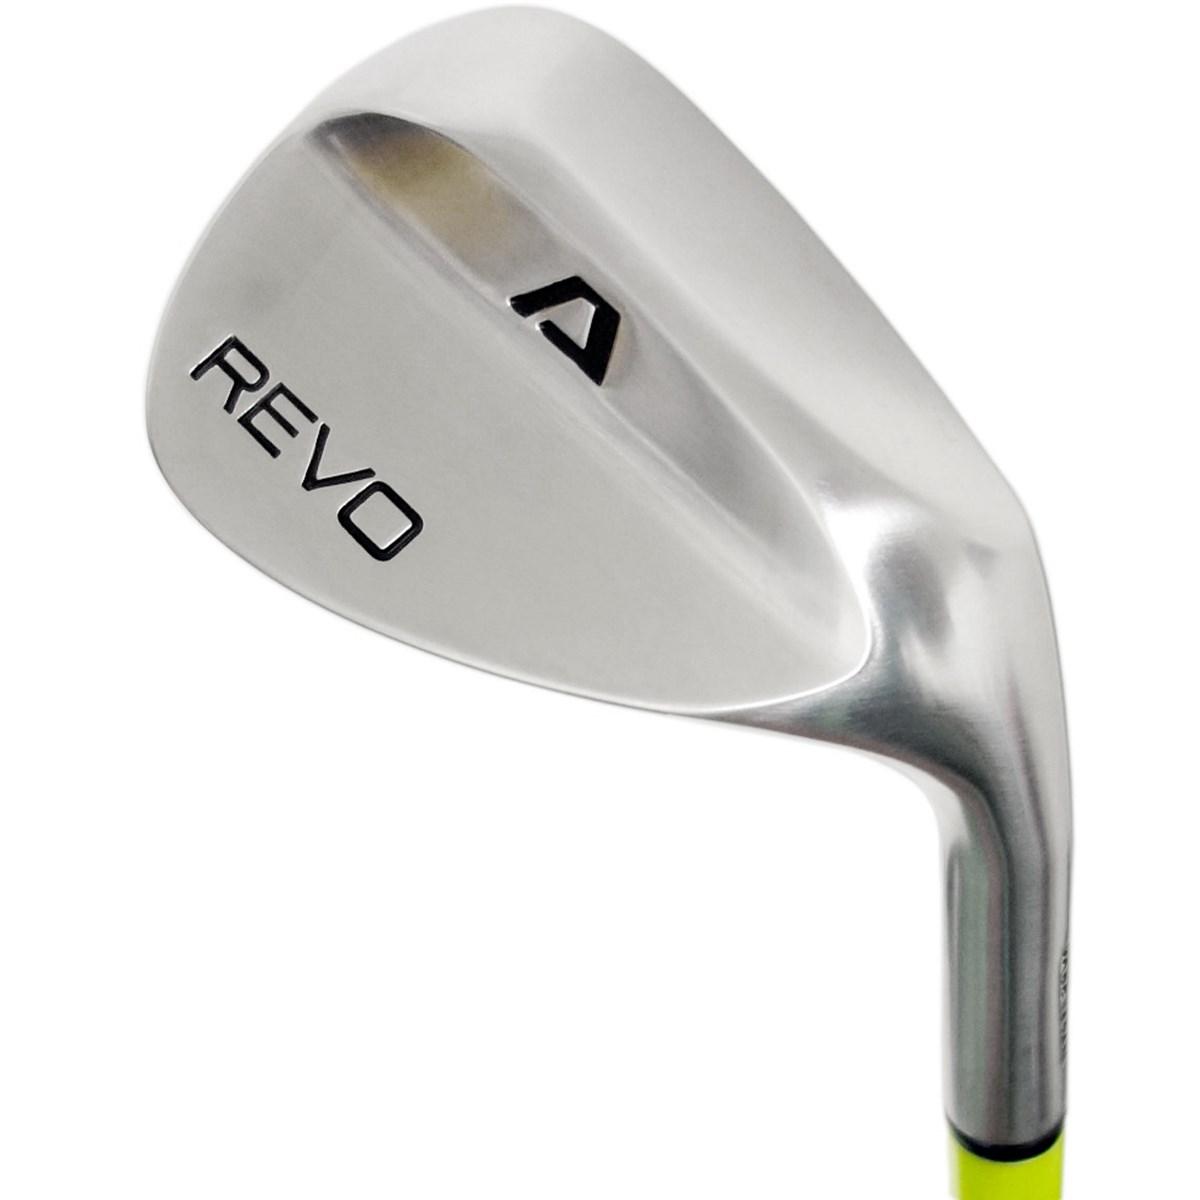 エーデザインゴルフ A REVO WEDGE ゴルフスイング 練習用クラブ